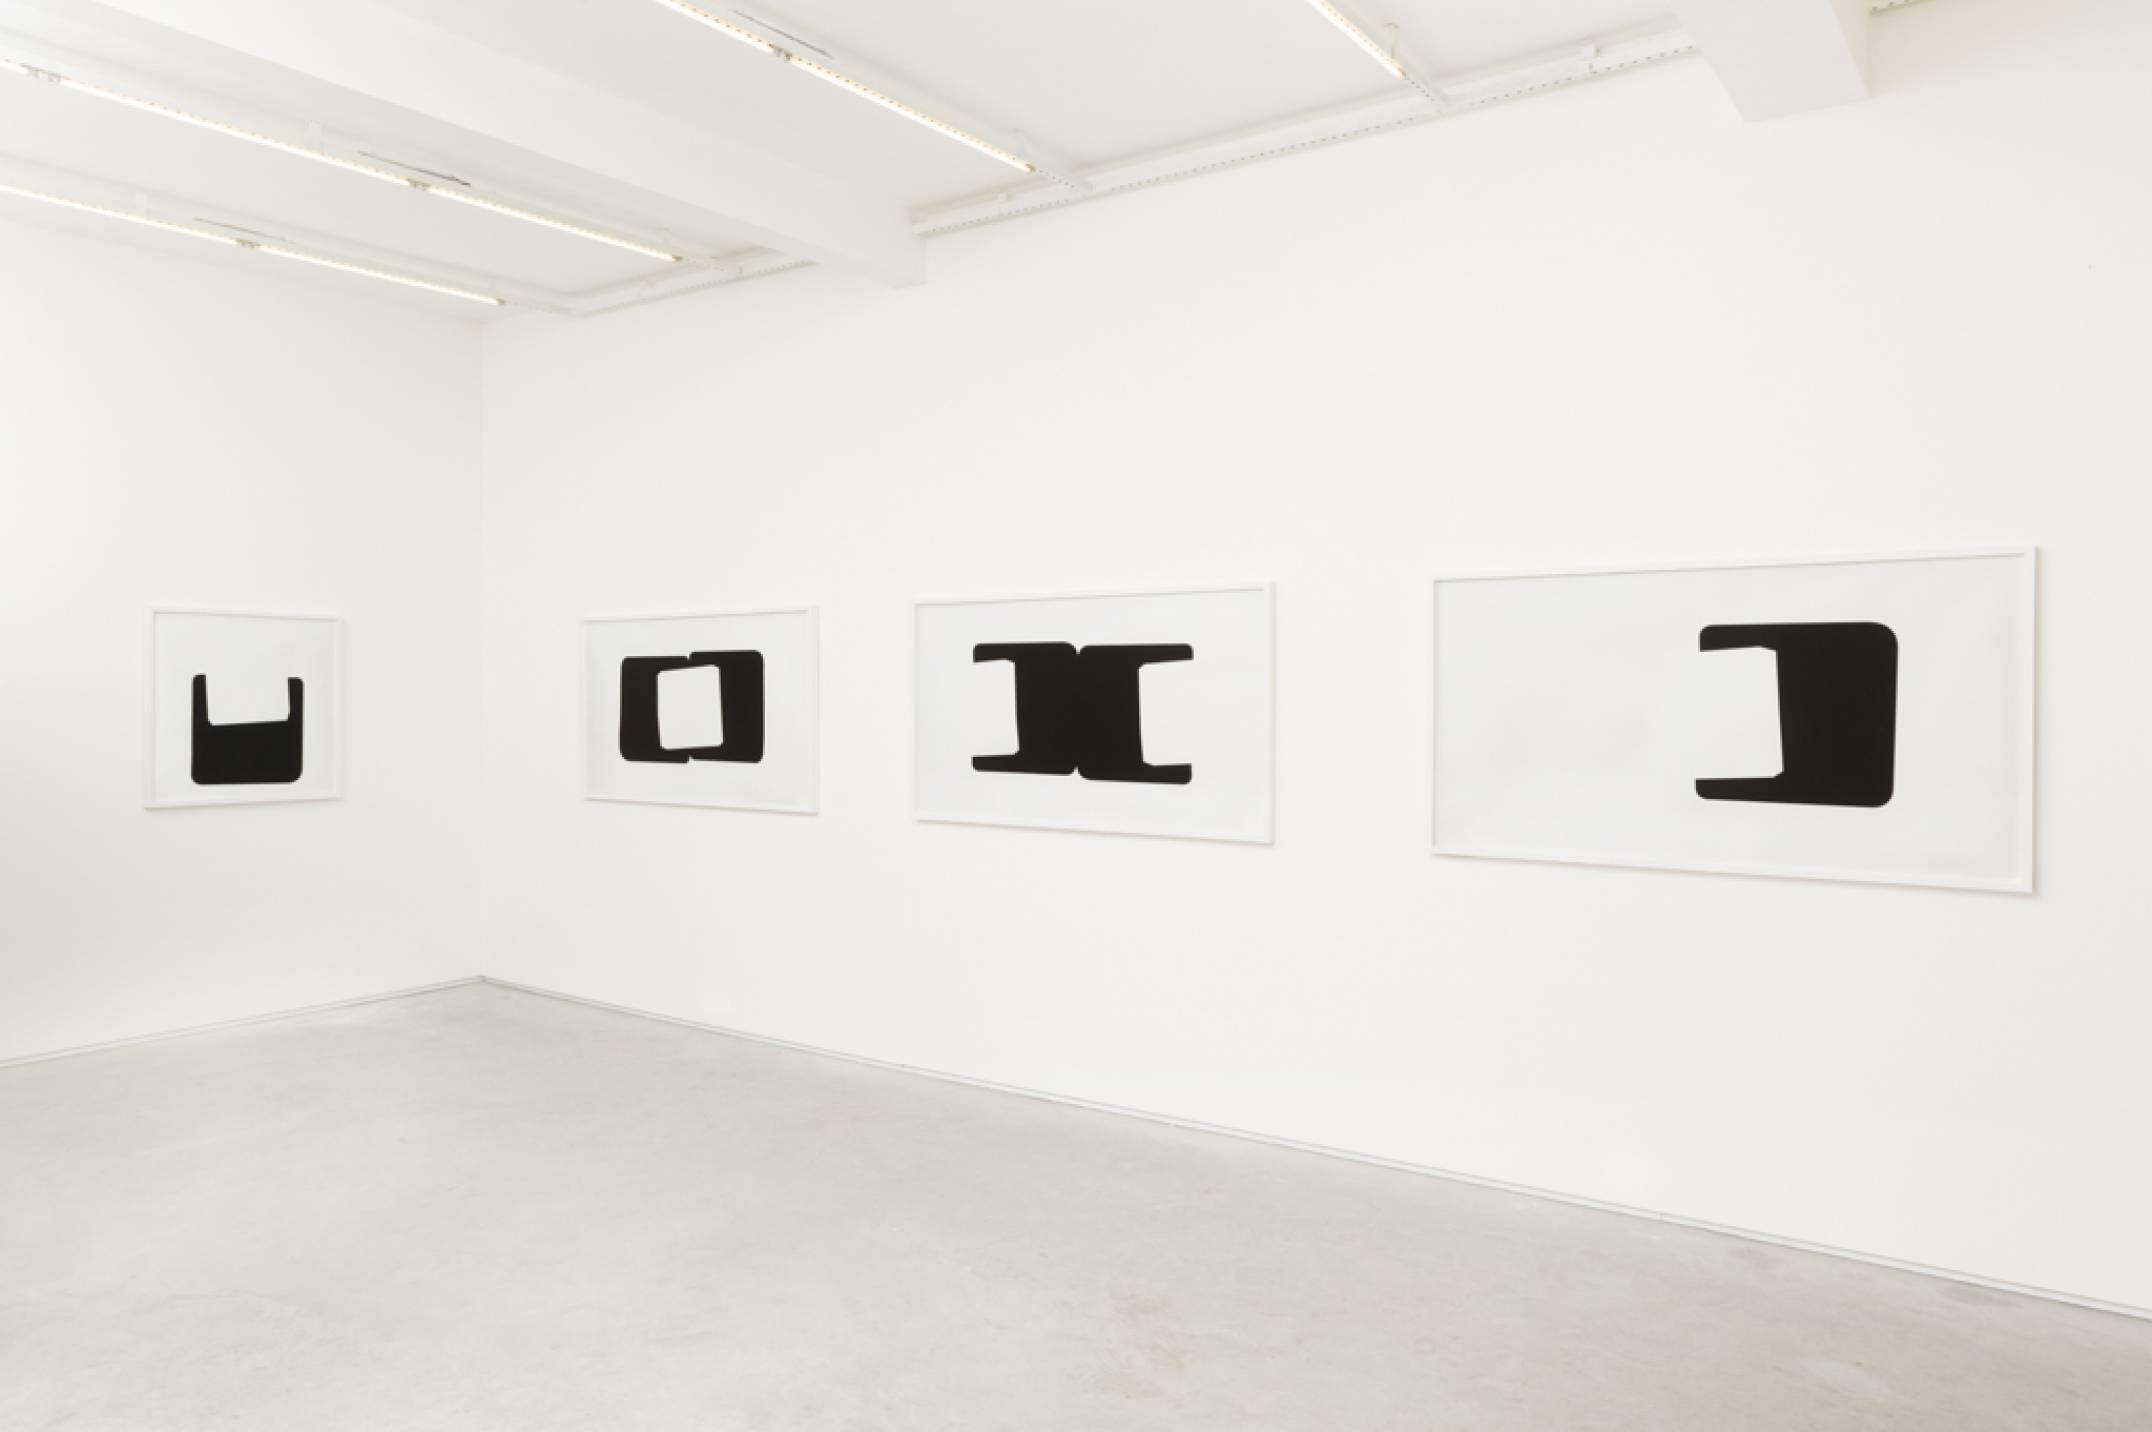 Lotus Lobo, <em>Transformação / Mutação / Transformação / Mutação,</em> 1968-2016,&nbsp;Facsimile printed on fine art,&nbsp;90 × 87,5 cm / 90 × 163 cm / 90 × 163 cm / 90 × 163 cm&nbsp; (from left to right) - Mendes Wood DM